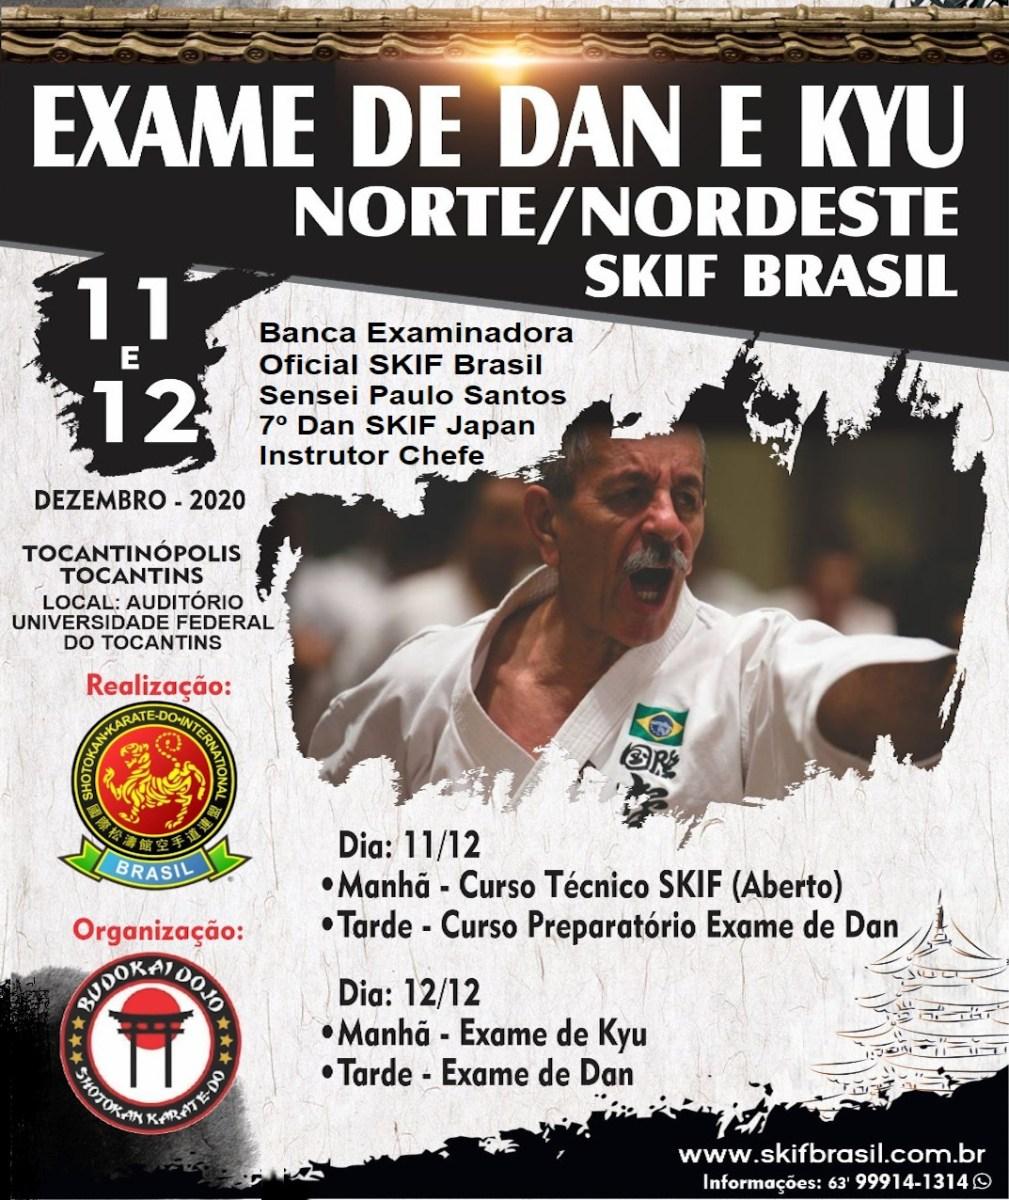 Exame de Dan e Kyu - Norte e Nordeste